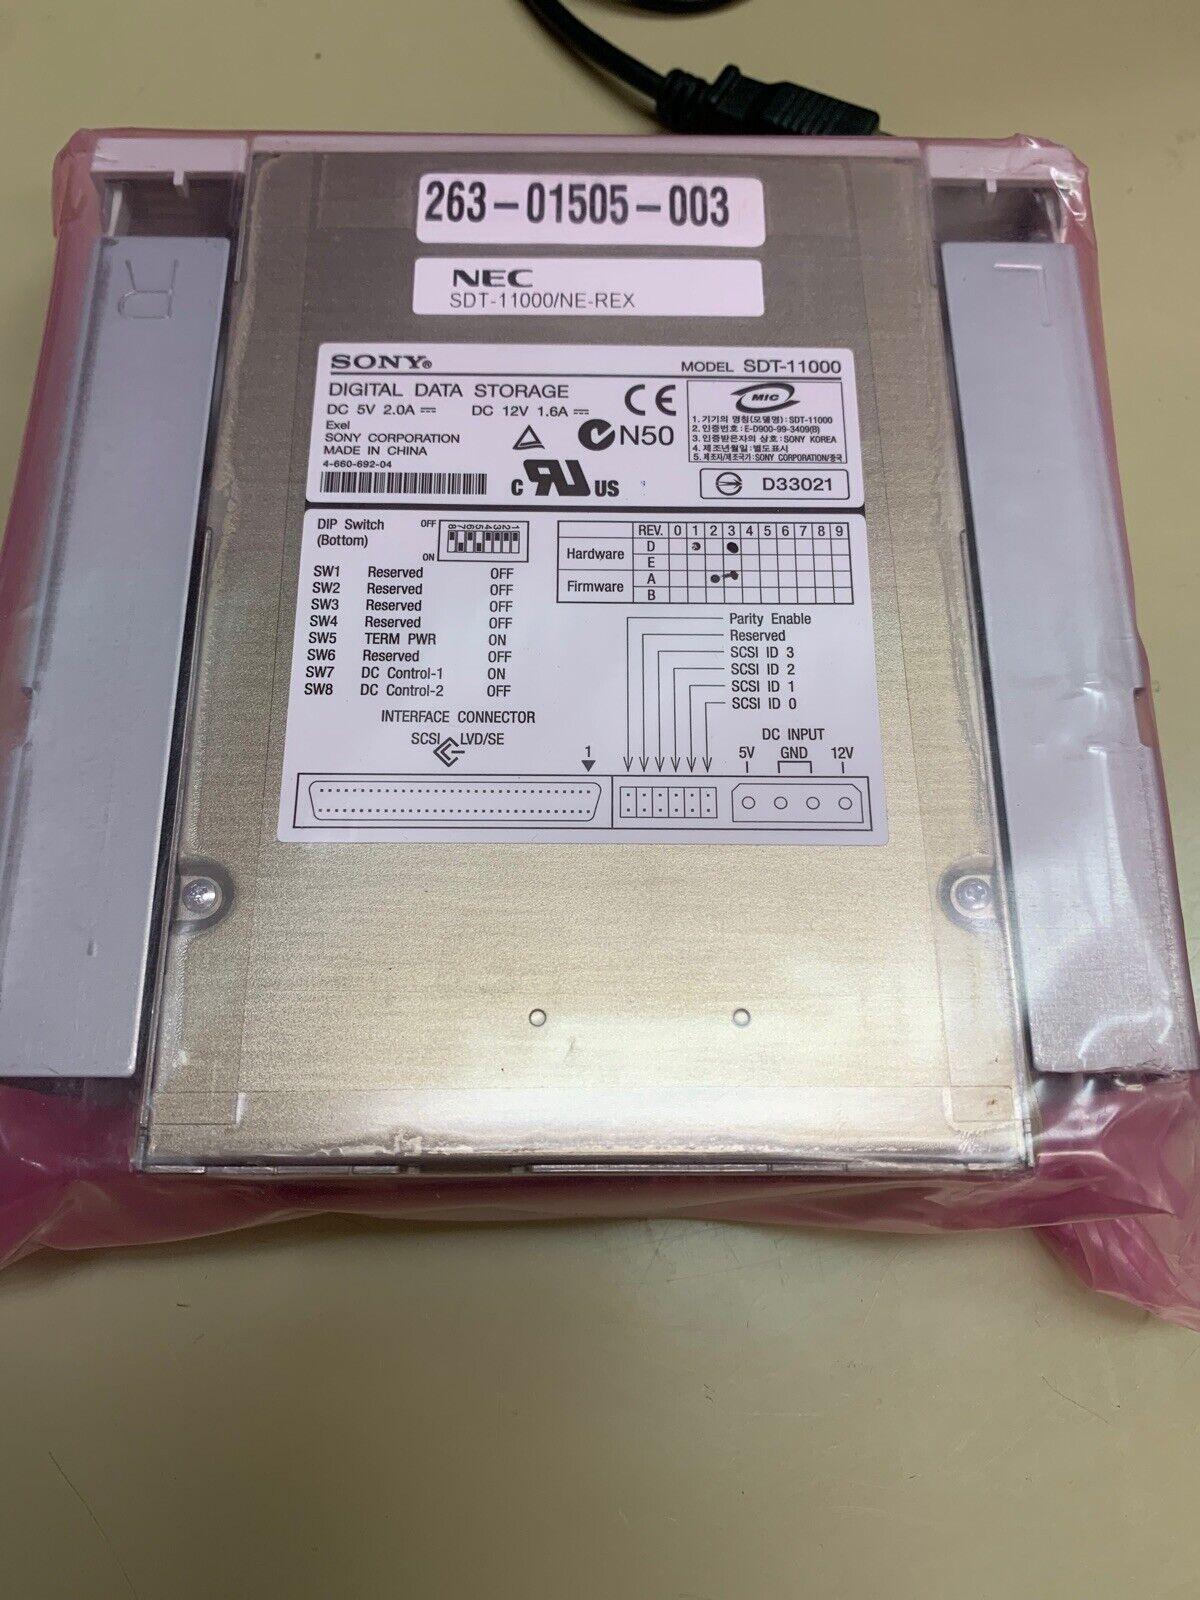 Sony Digital Data Storage NEC SDT-11000//NE-R SDT-11000 NEW